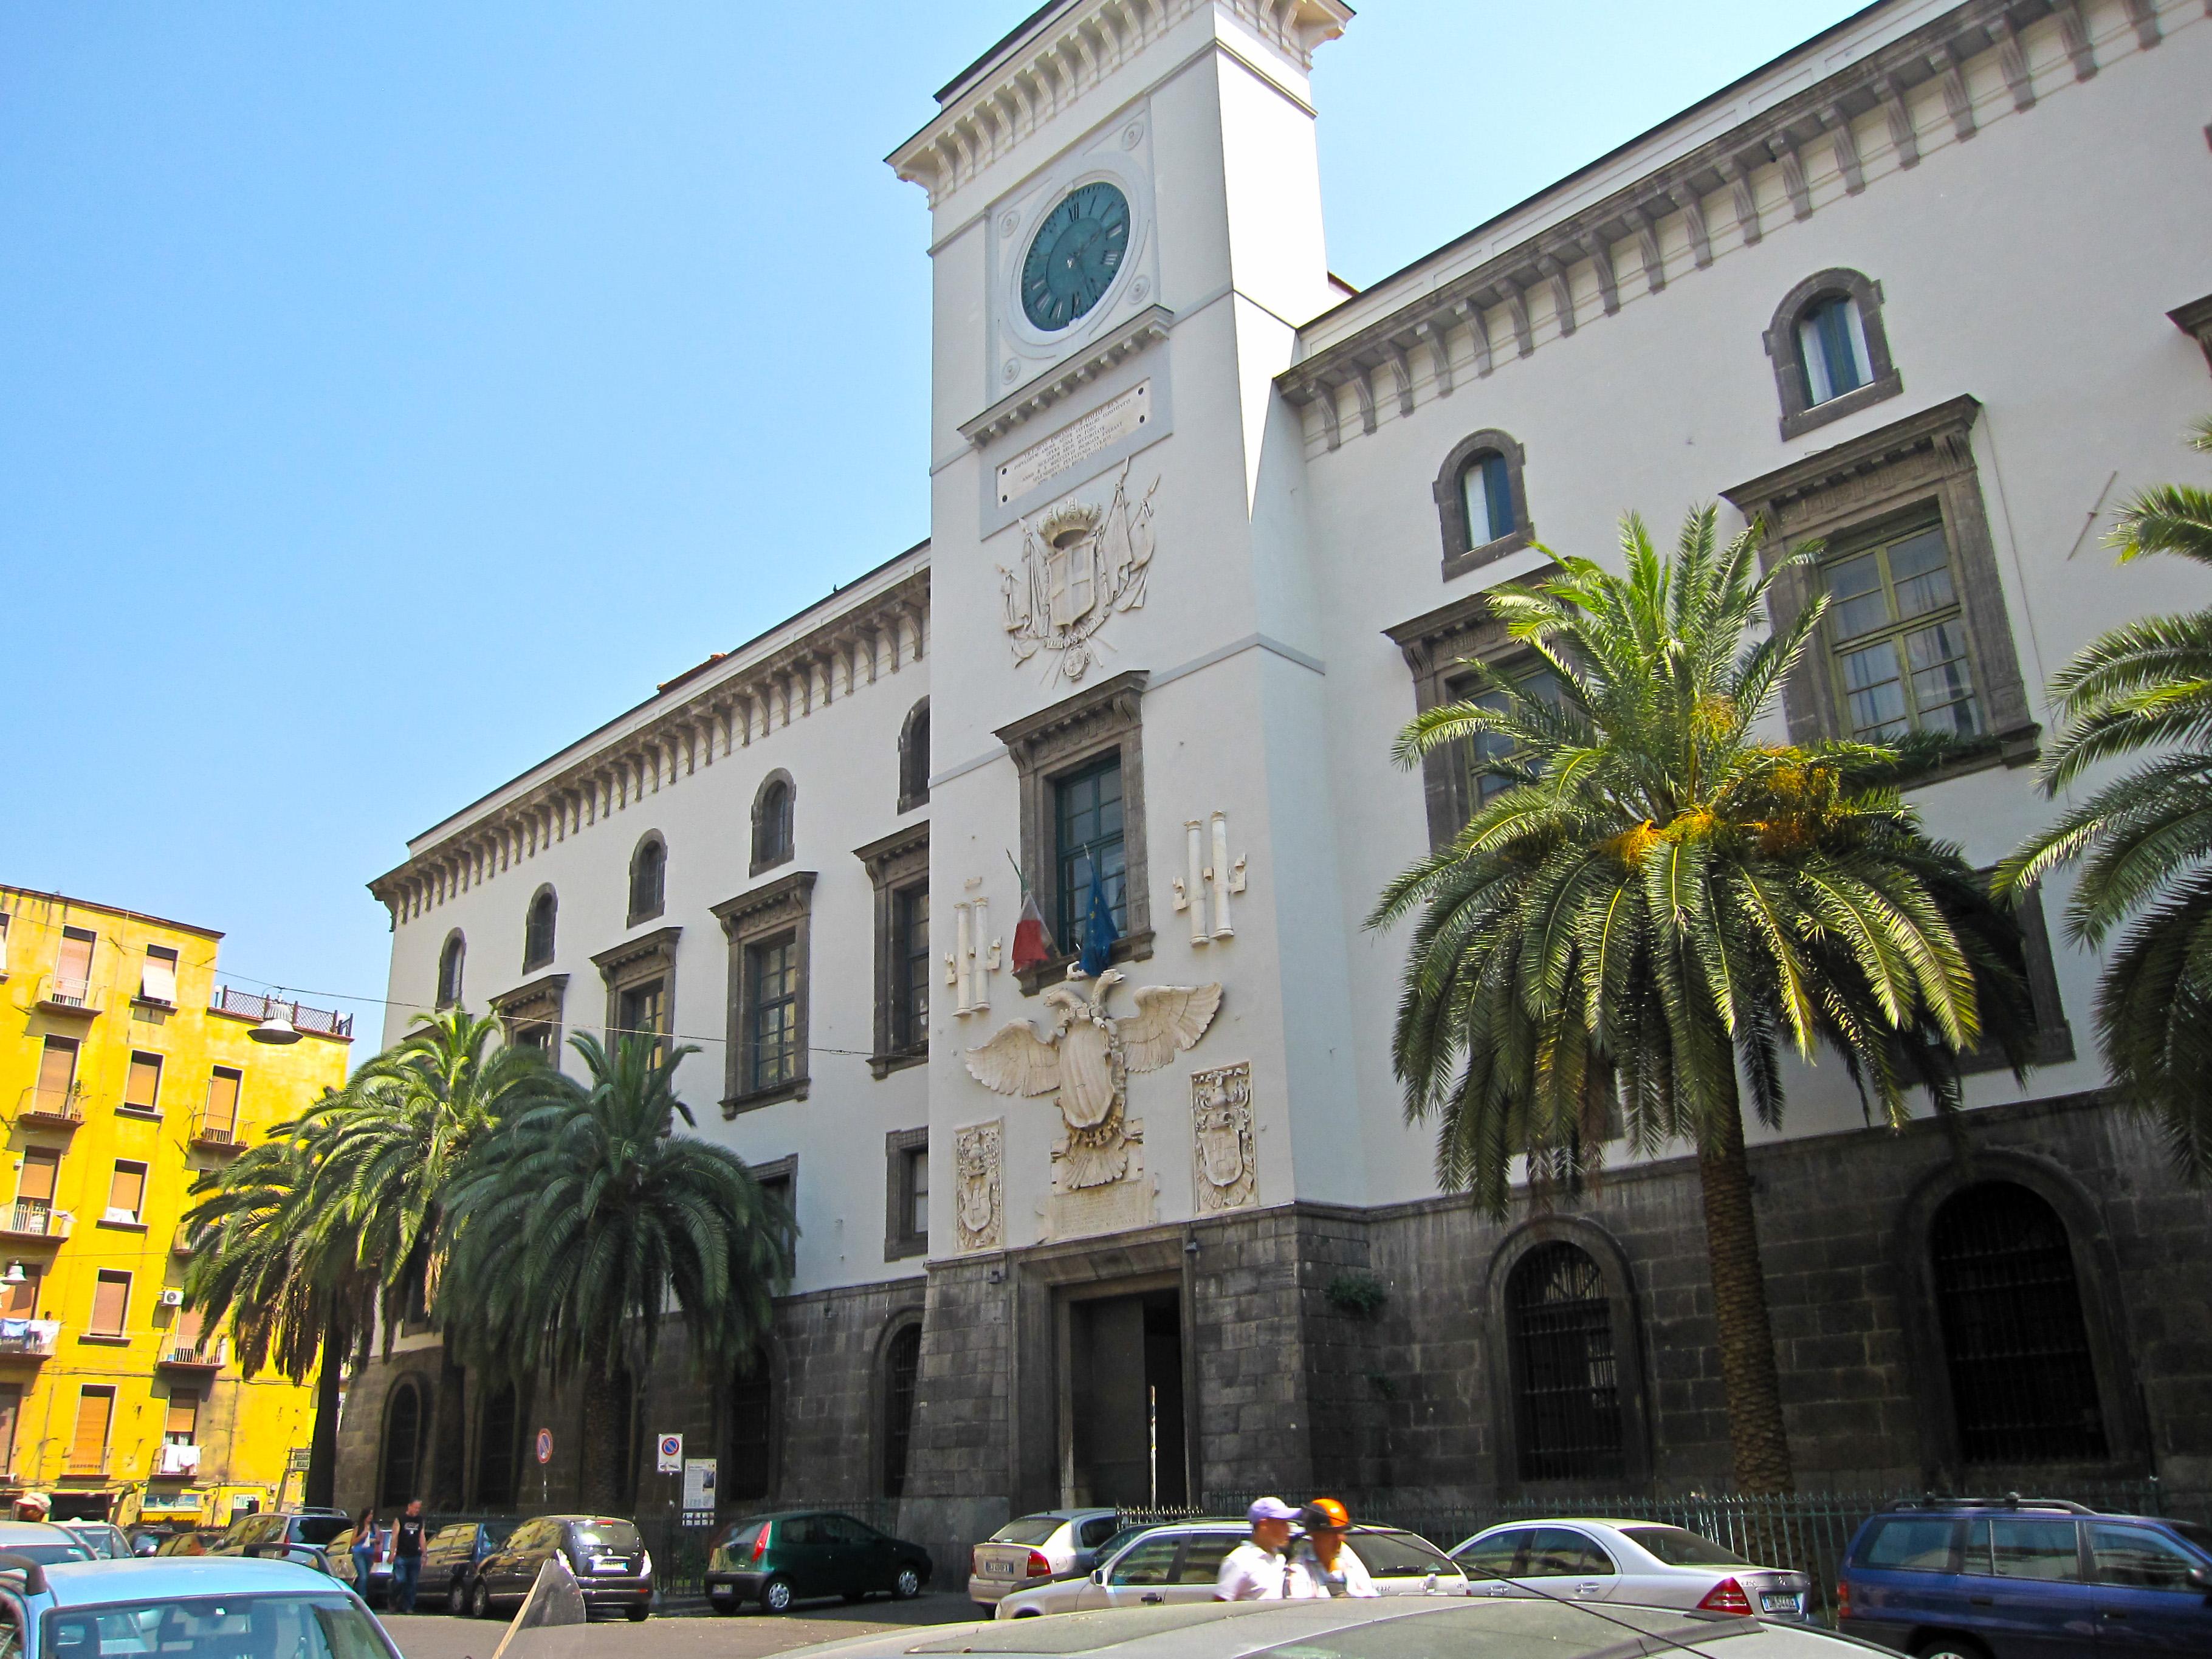 Da domani rinasceranno i giardini di Castel Capuano